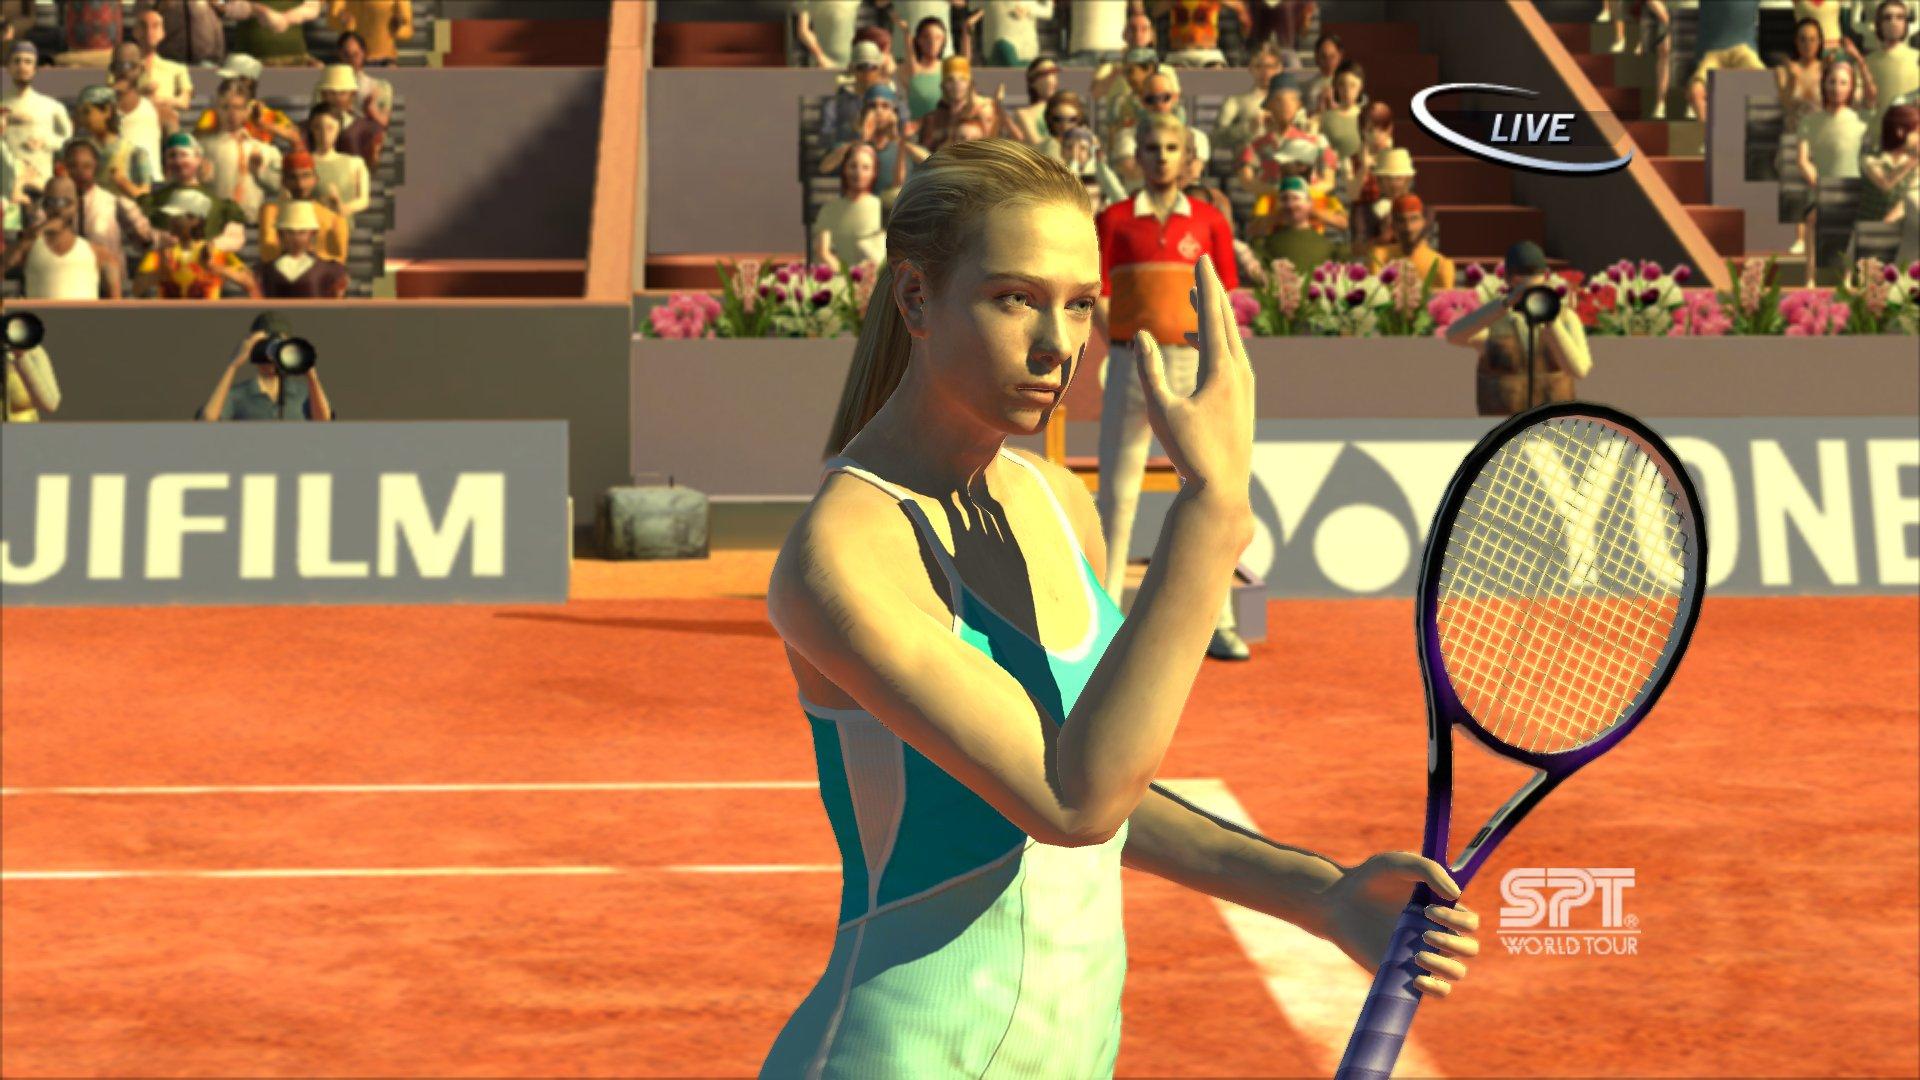 Spieletest: Virtua Tennis 3 - Schöner Filz